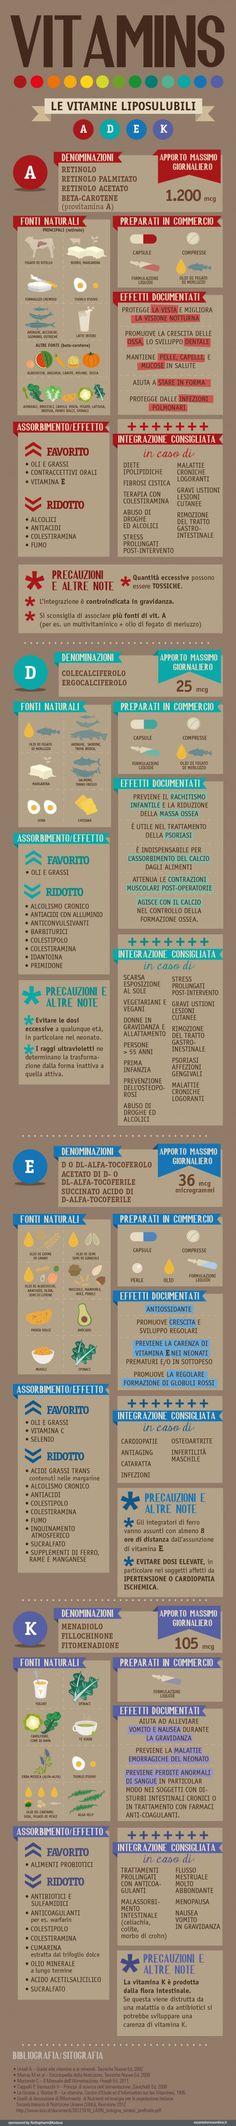 Le vitamine liposolubili - Infografica di Esseredonnaonline grafica di Kleland studio